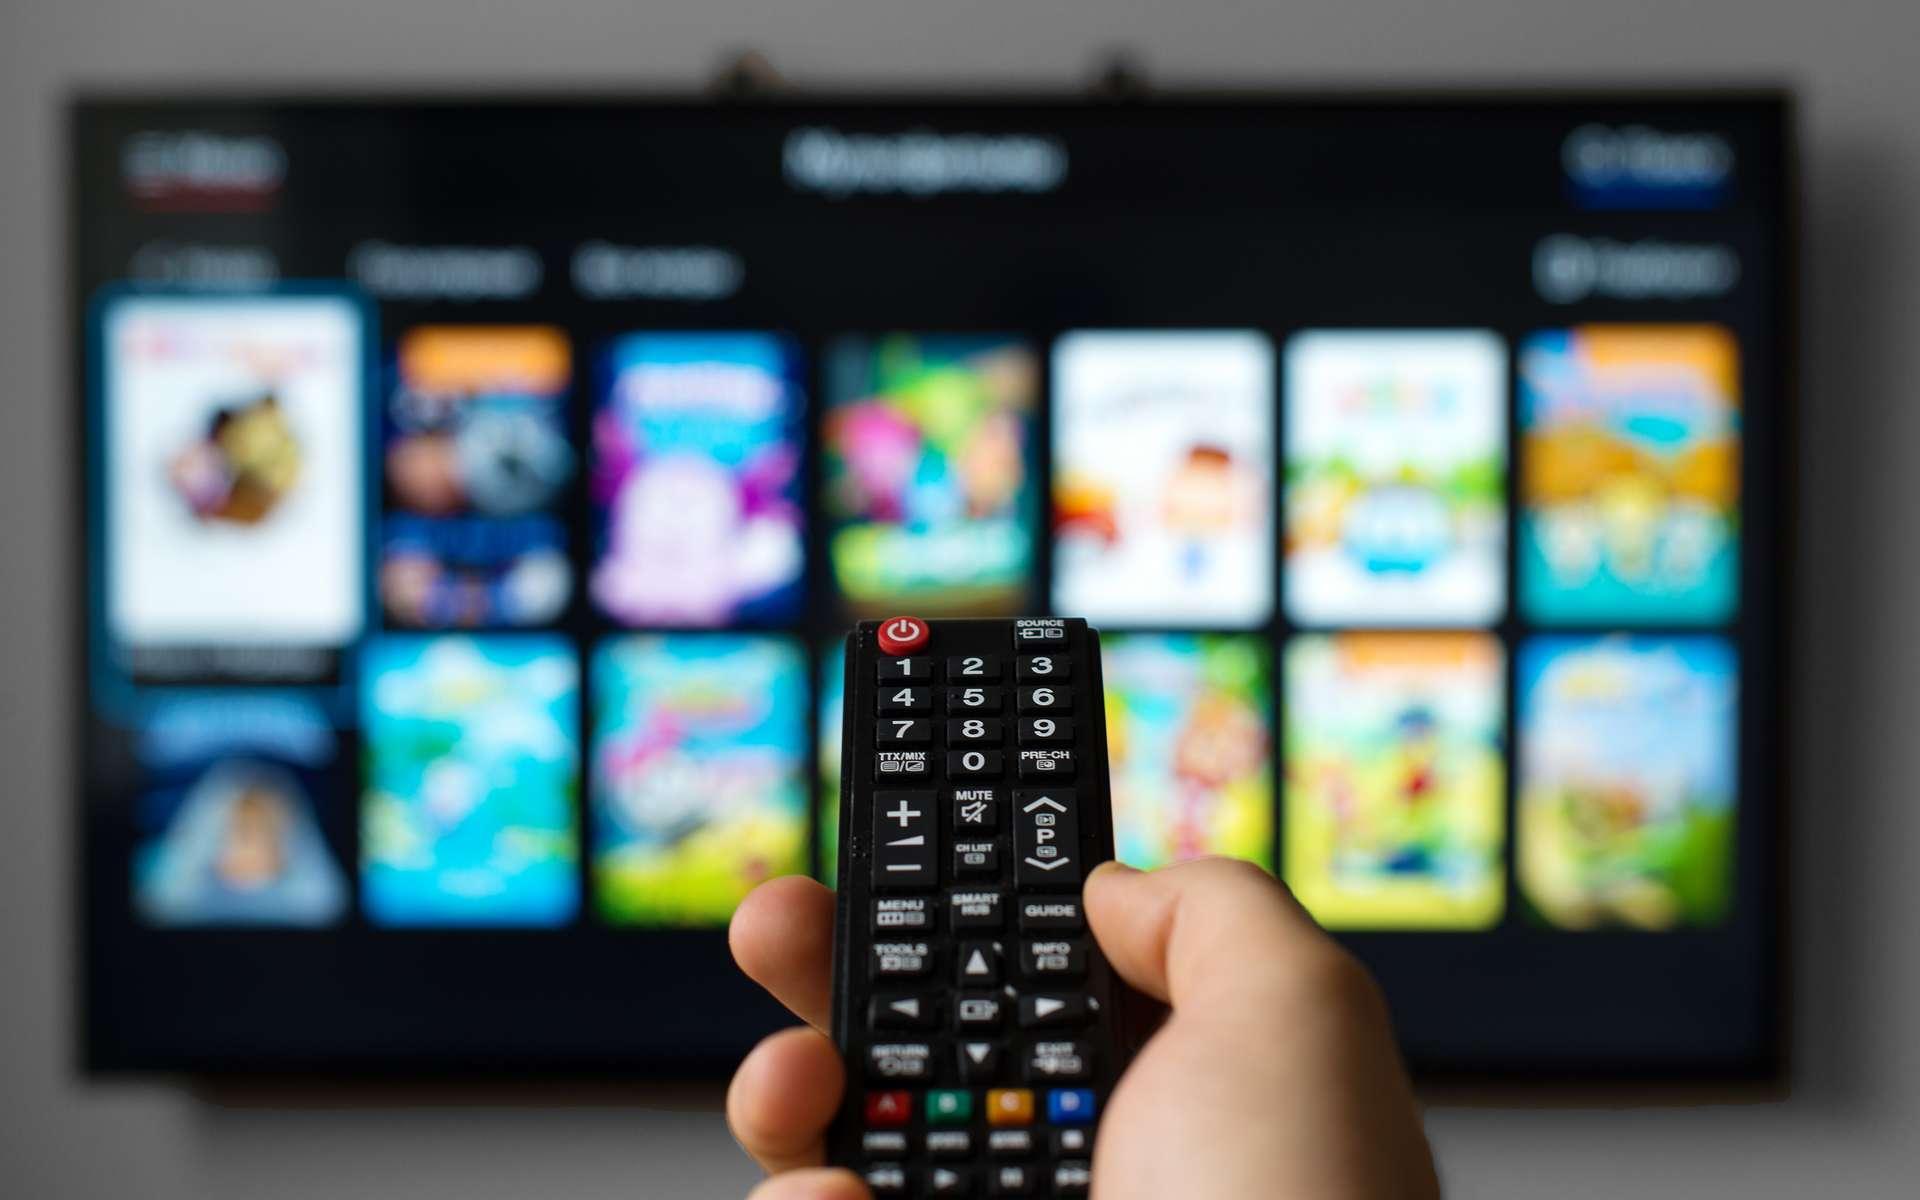 Bon plan Cdiscount : les meilleures réductions TV avant le Black Friday